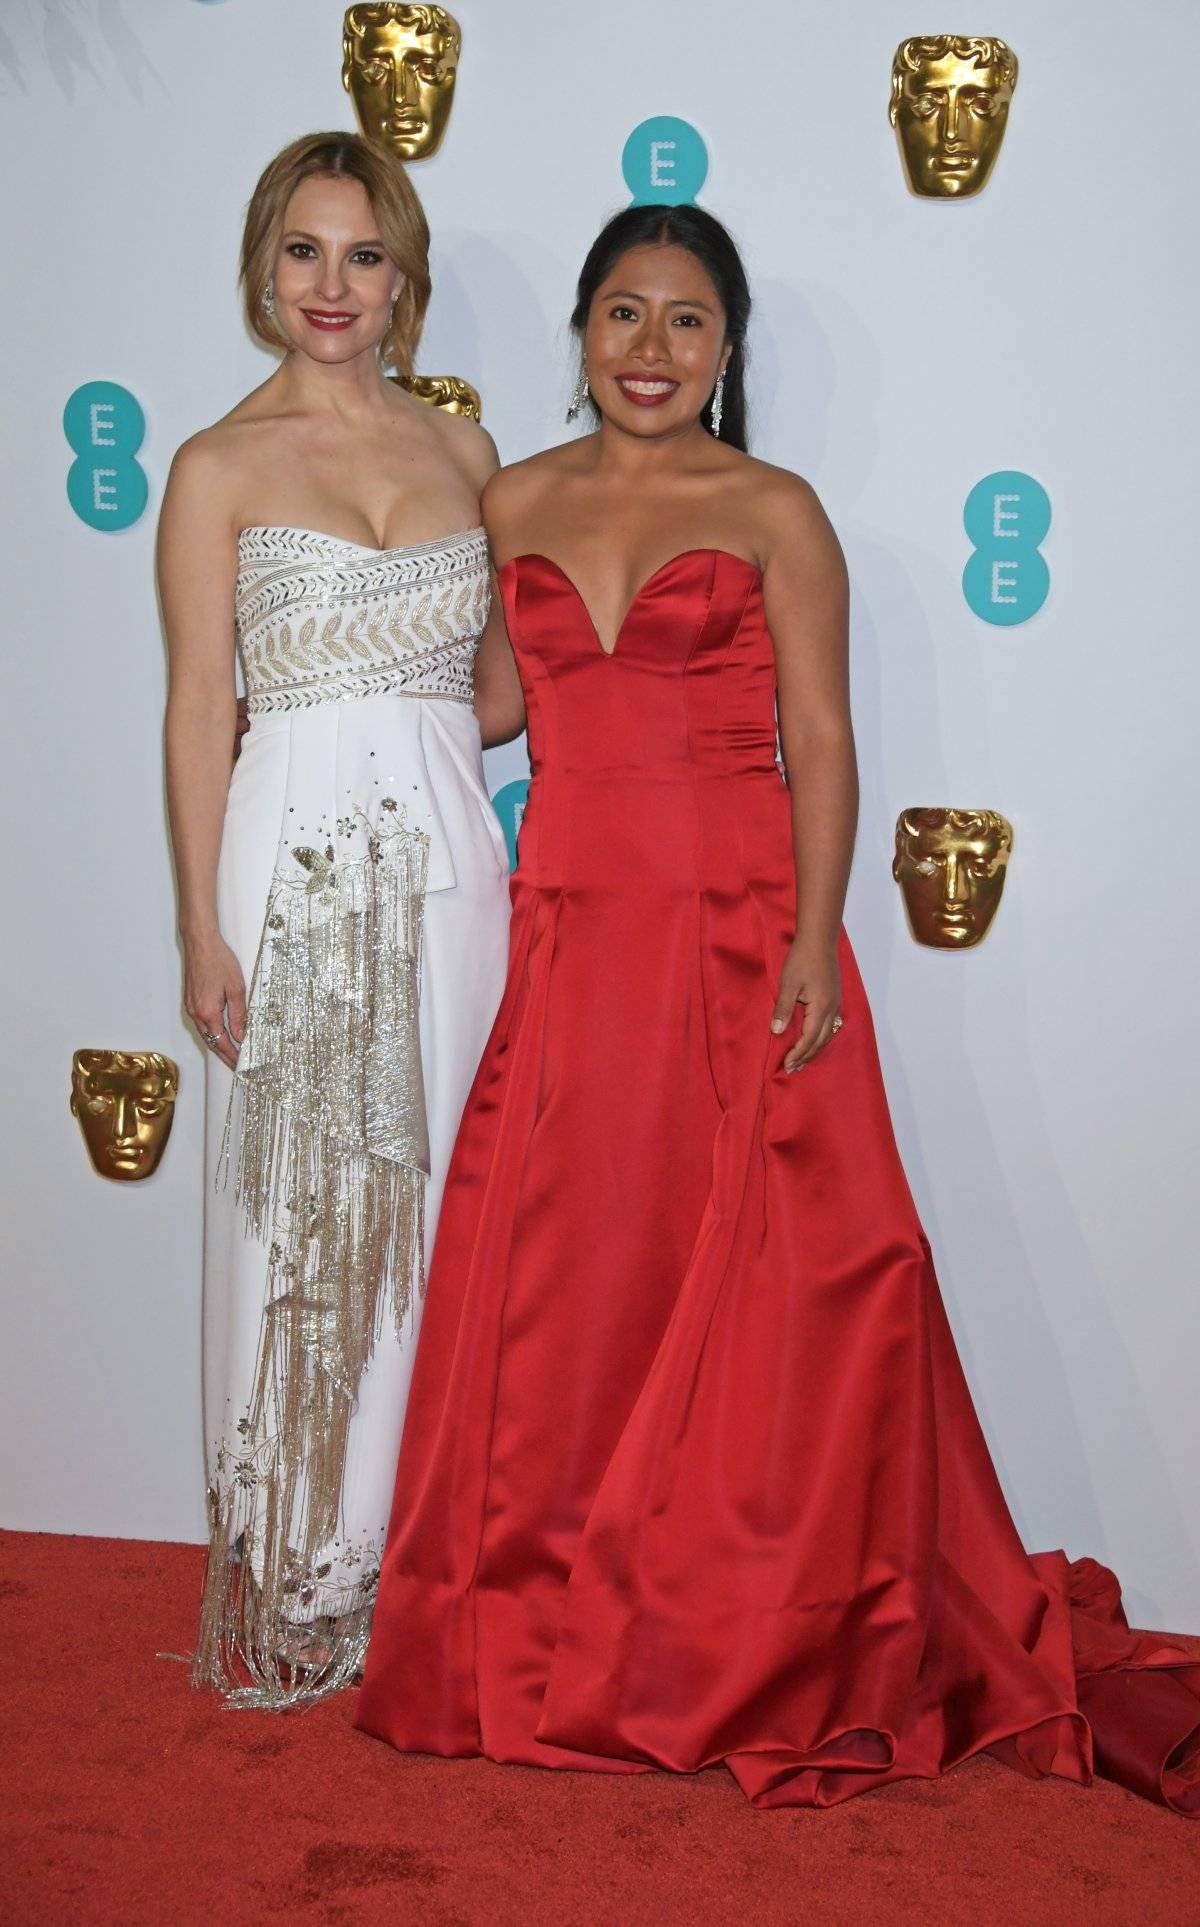 La actrices Marina de Tavira y Yalitza aparicio en la alfombra roja de los BAFTA 2019 Getty Images